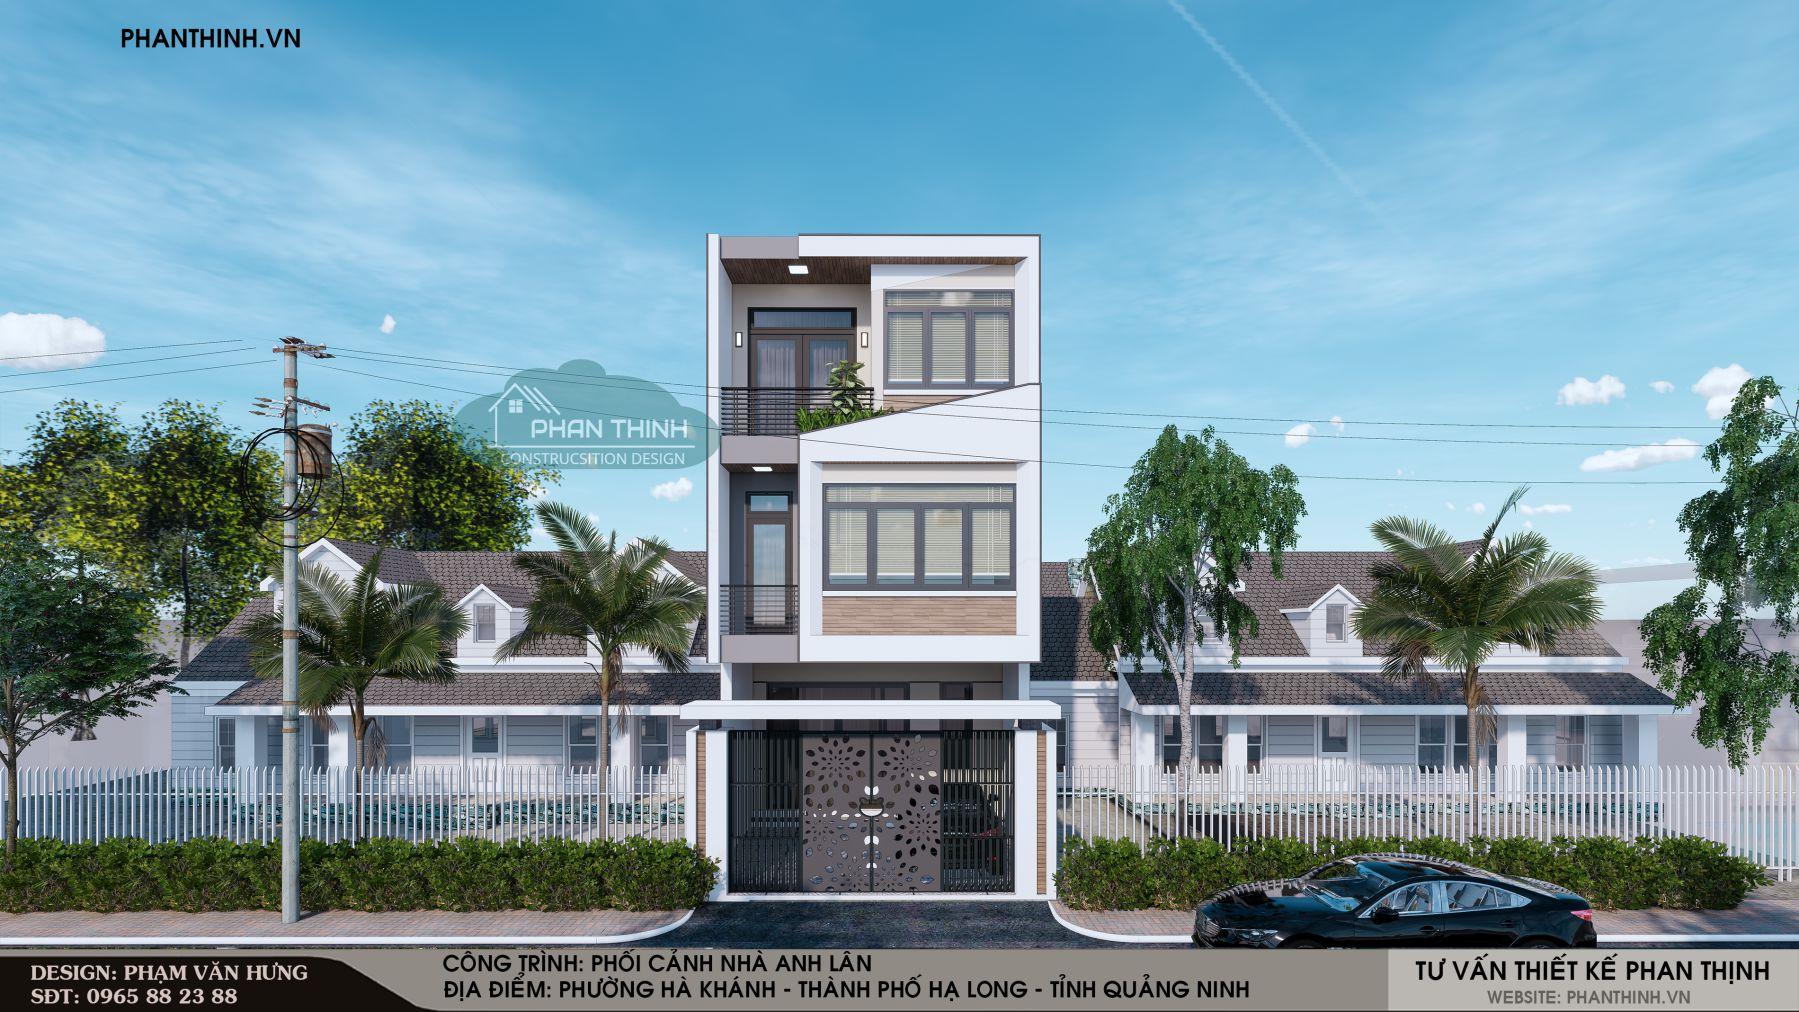 Thiết kế phối cảnh mặt tiền nhà 3 tầng hiện đại ở Quảng Ninh